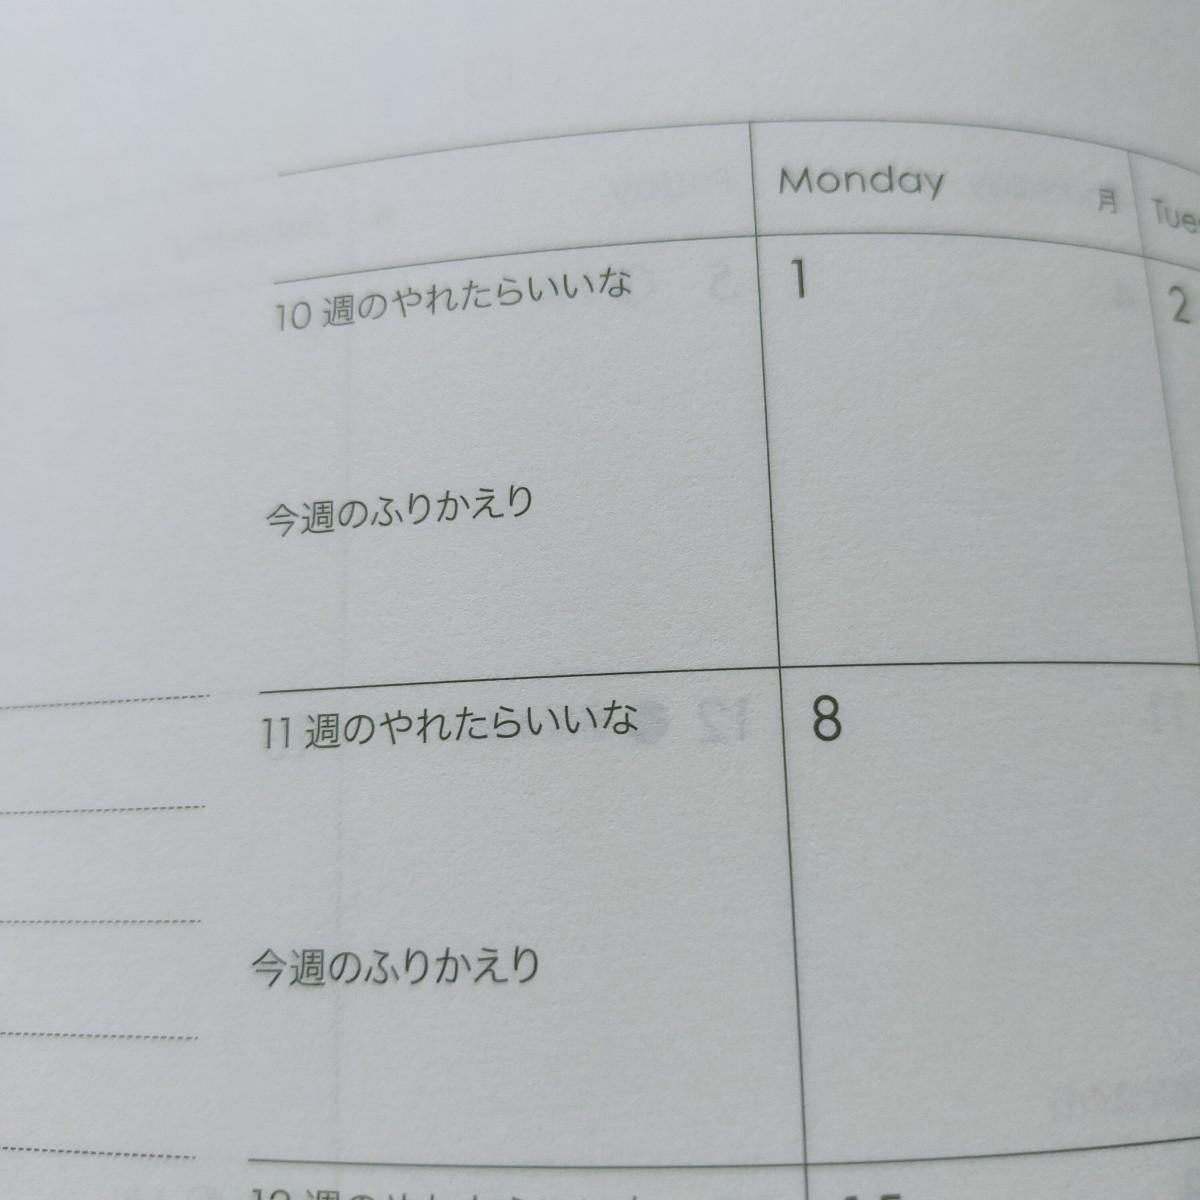 210418 第17週の手帳タイムを取ろう❗_f0164842_16365447.jpg